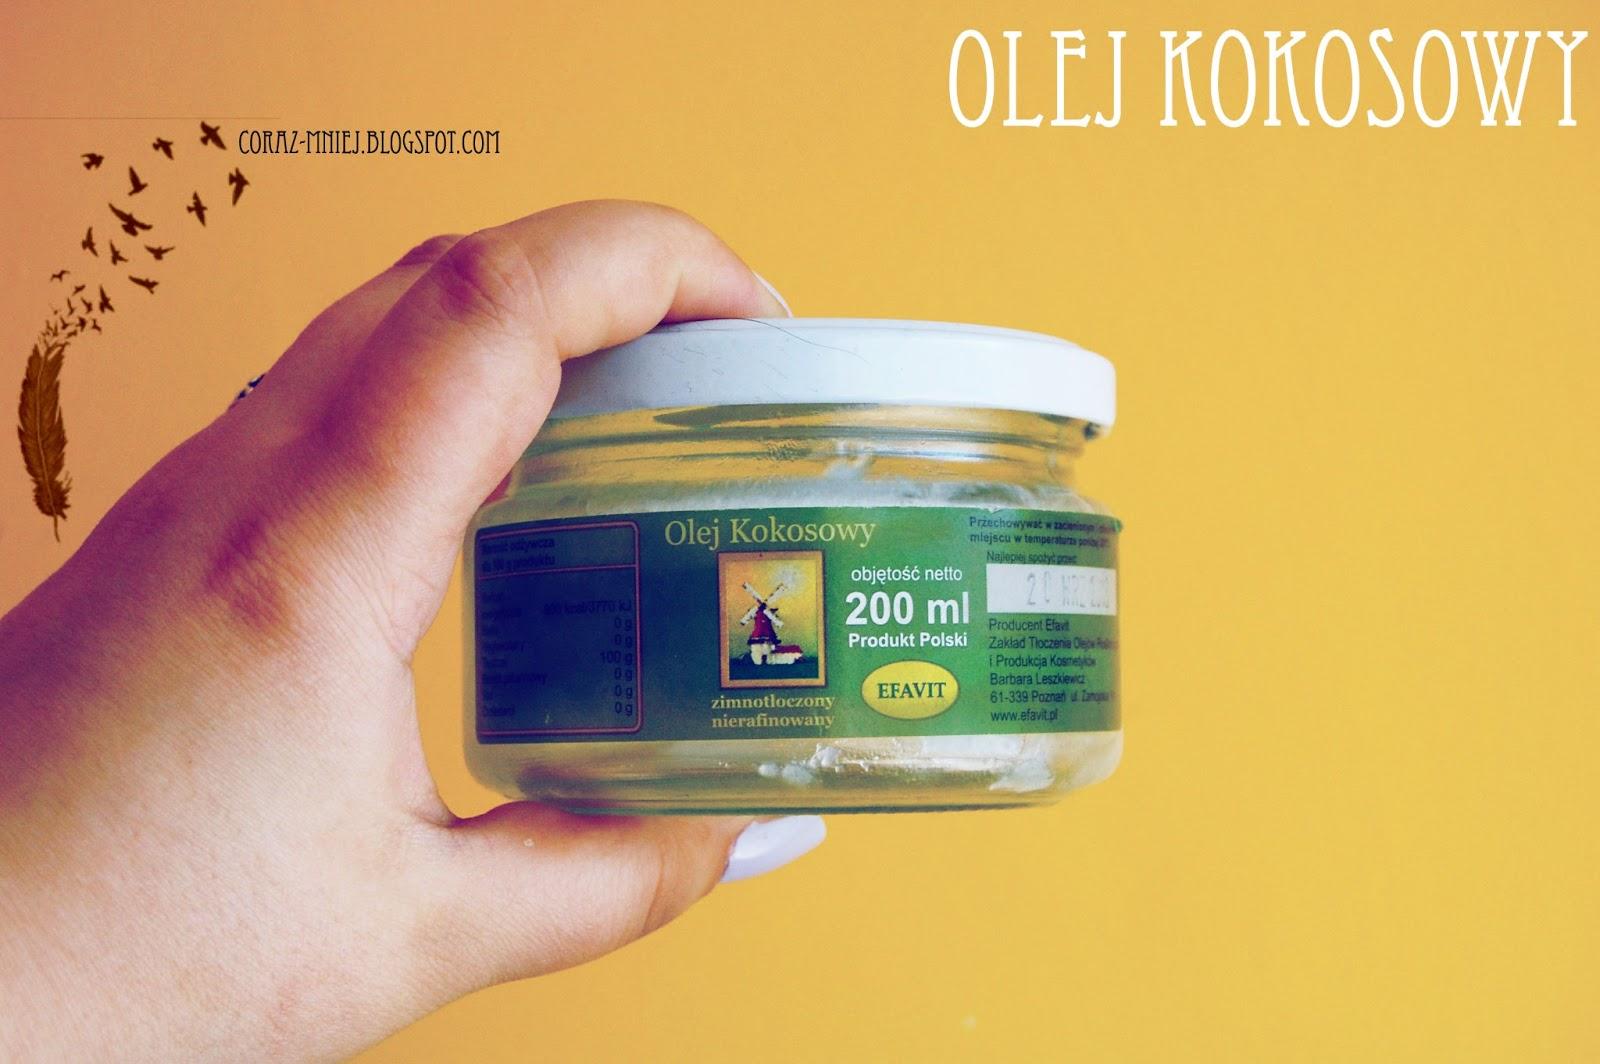 Niezawodny sposób na zniszczone końcówki – olej kokosowy